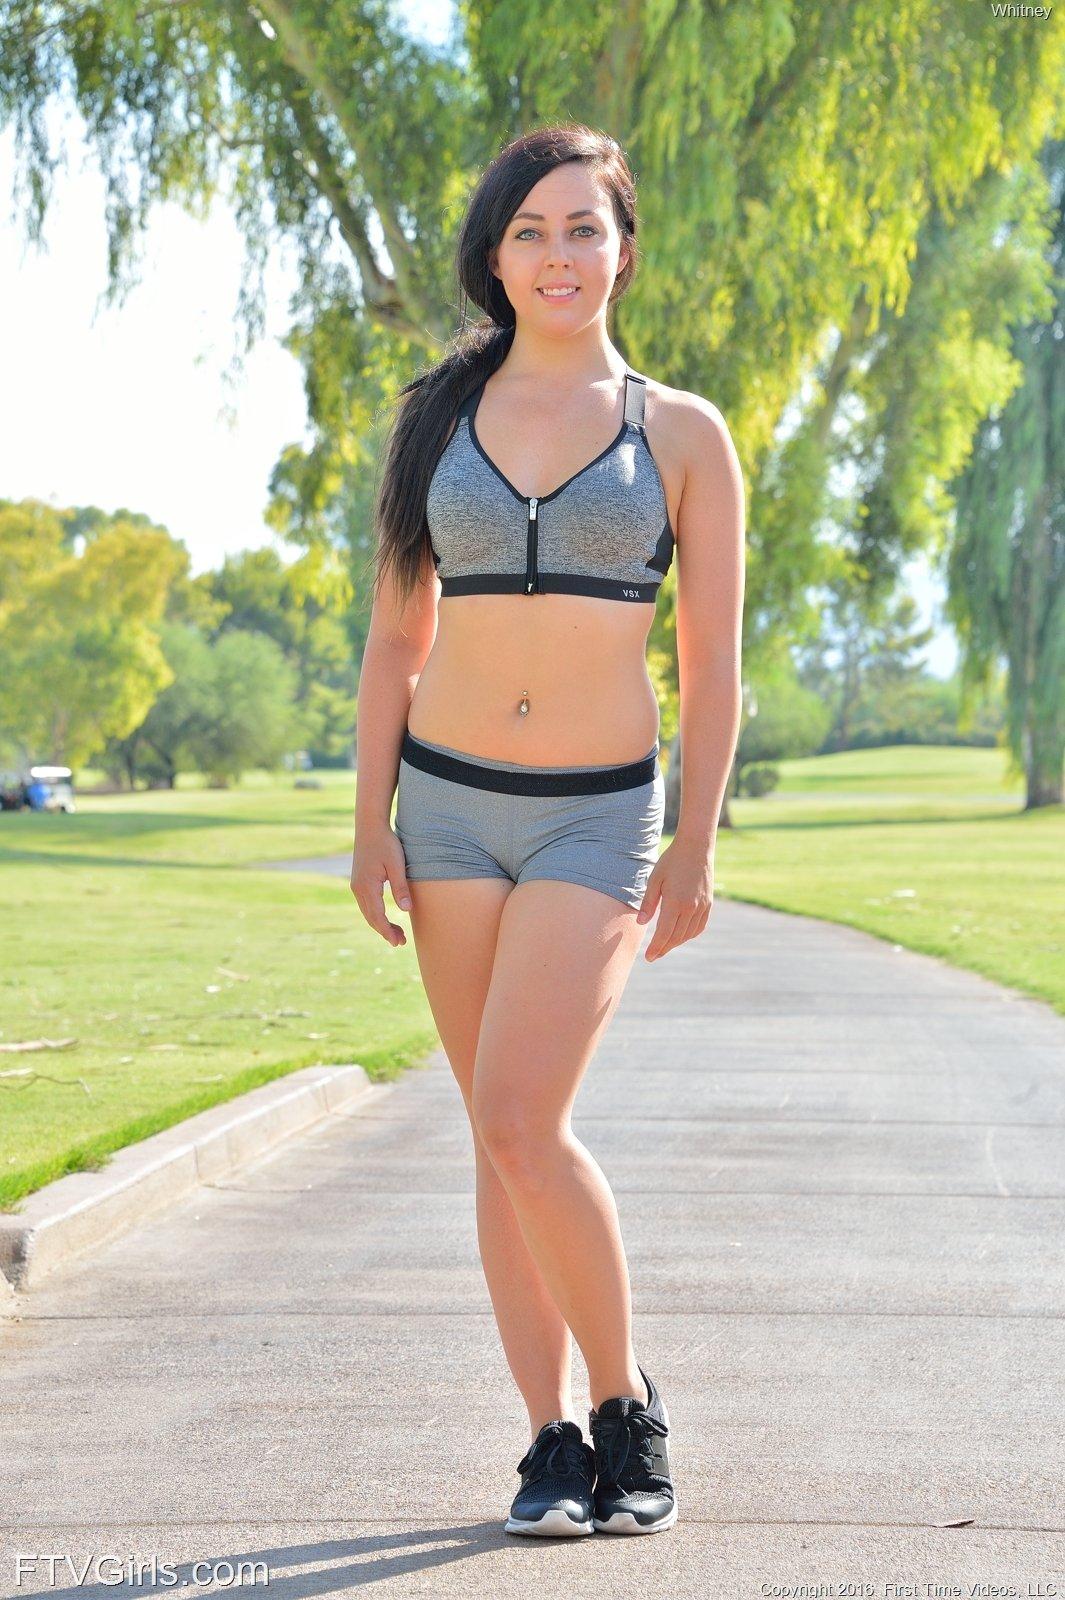 nude sporty girl